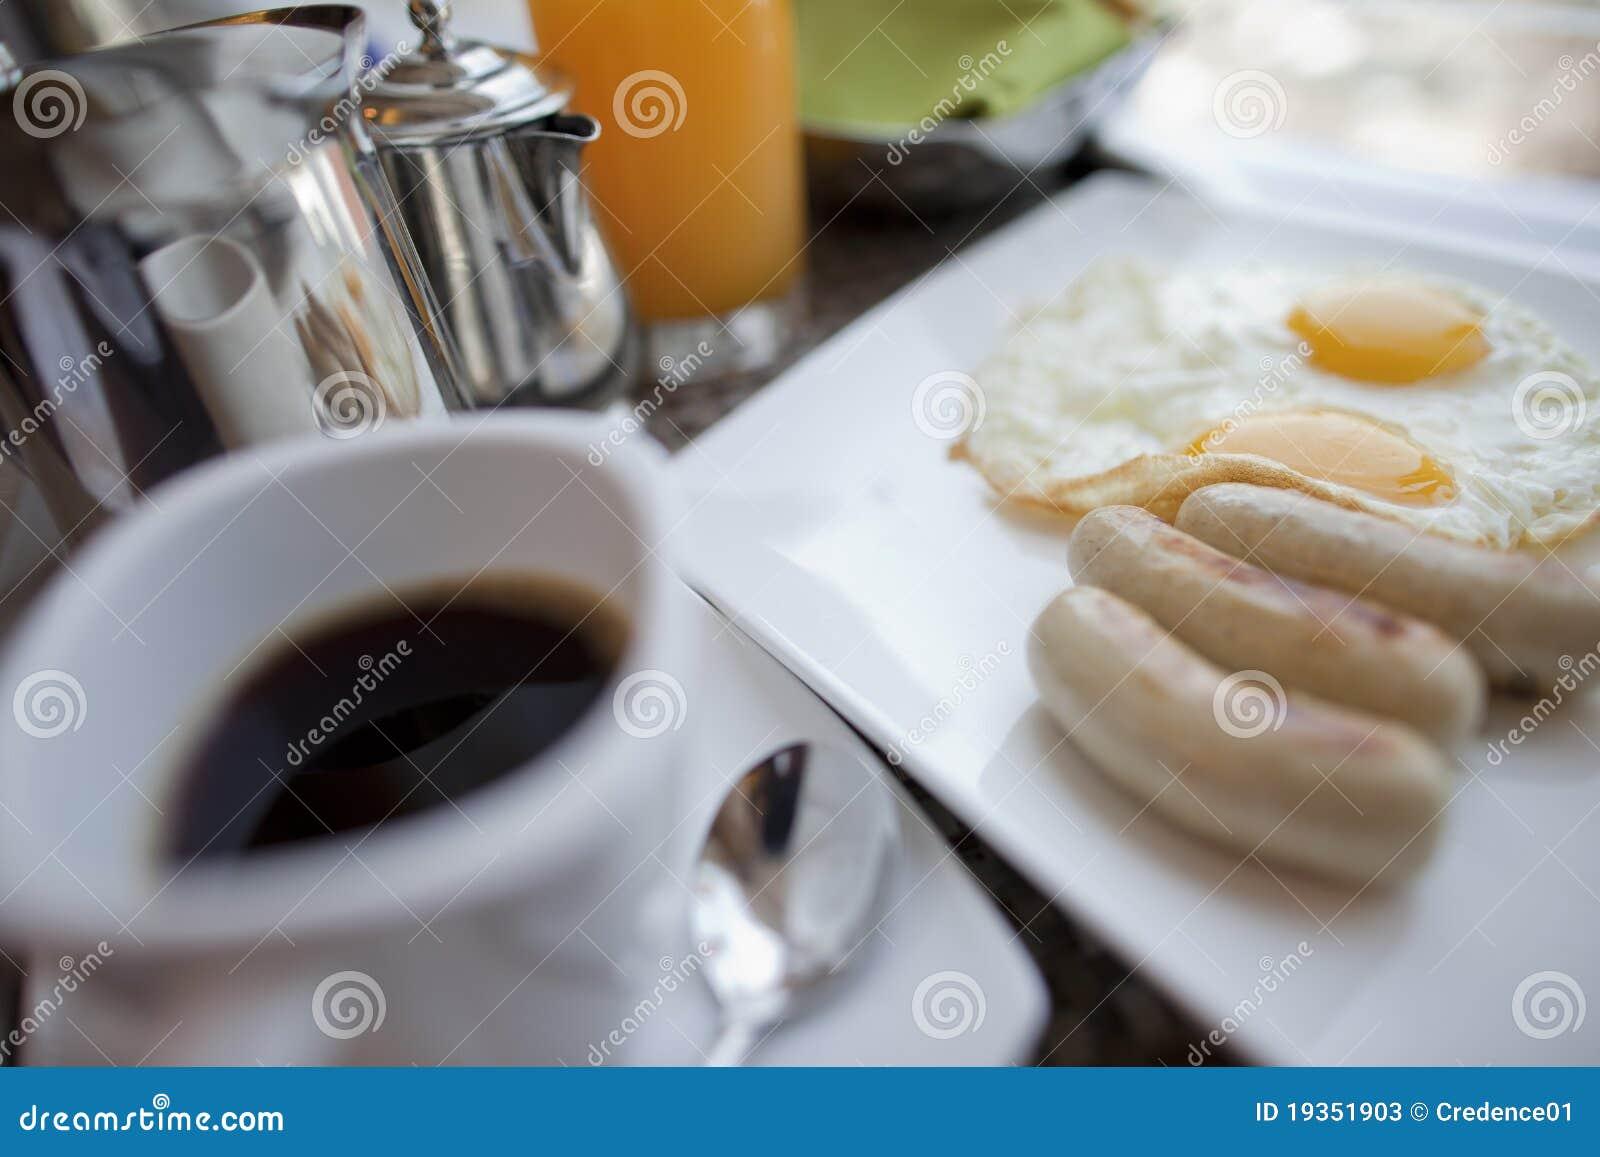 Reunião do pequeno almoço